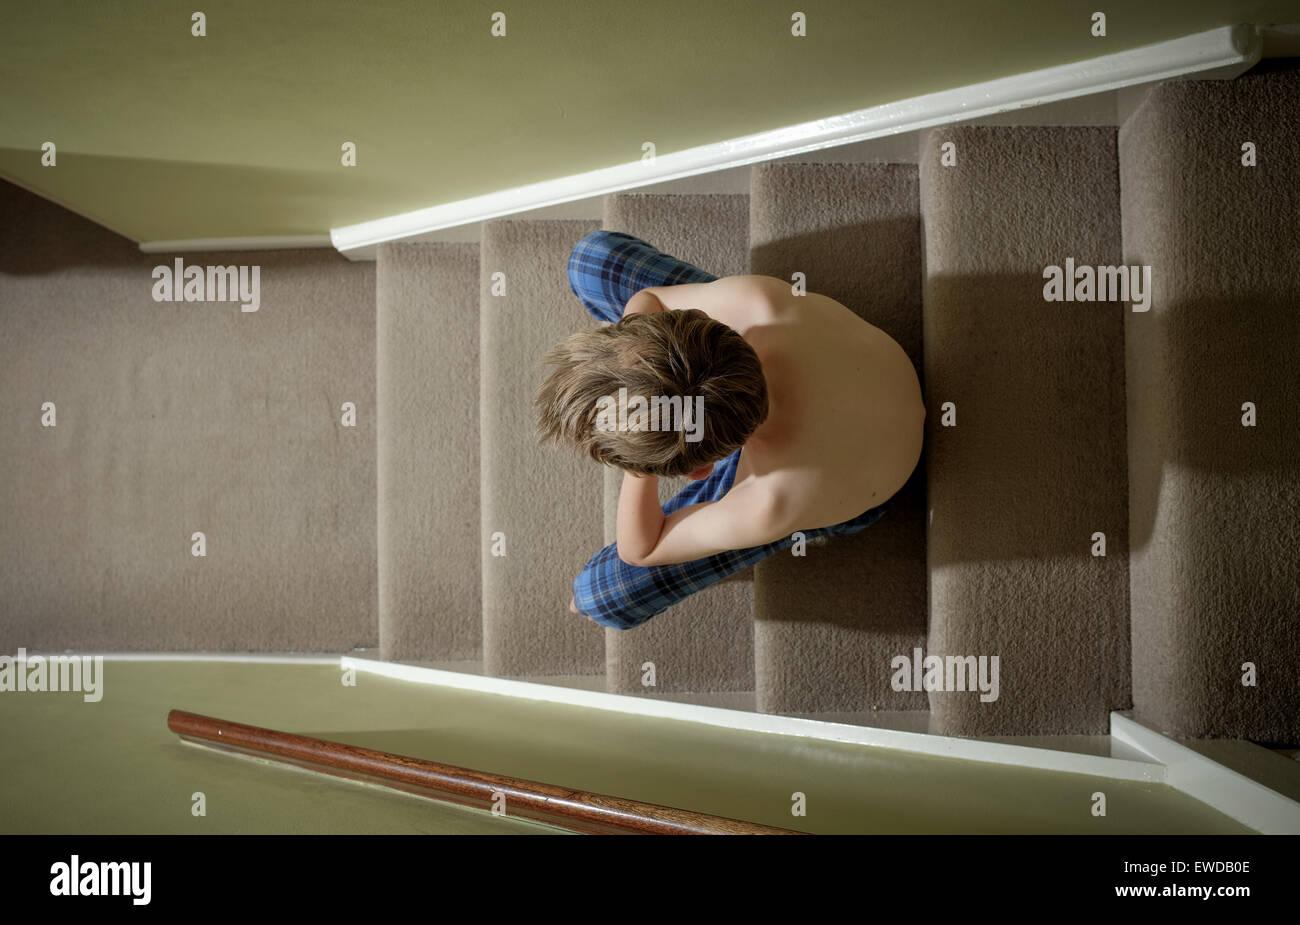 Un enfant assis sur les escaliers avec sa tête dans ses mains à la colère Photo Stock